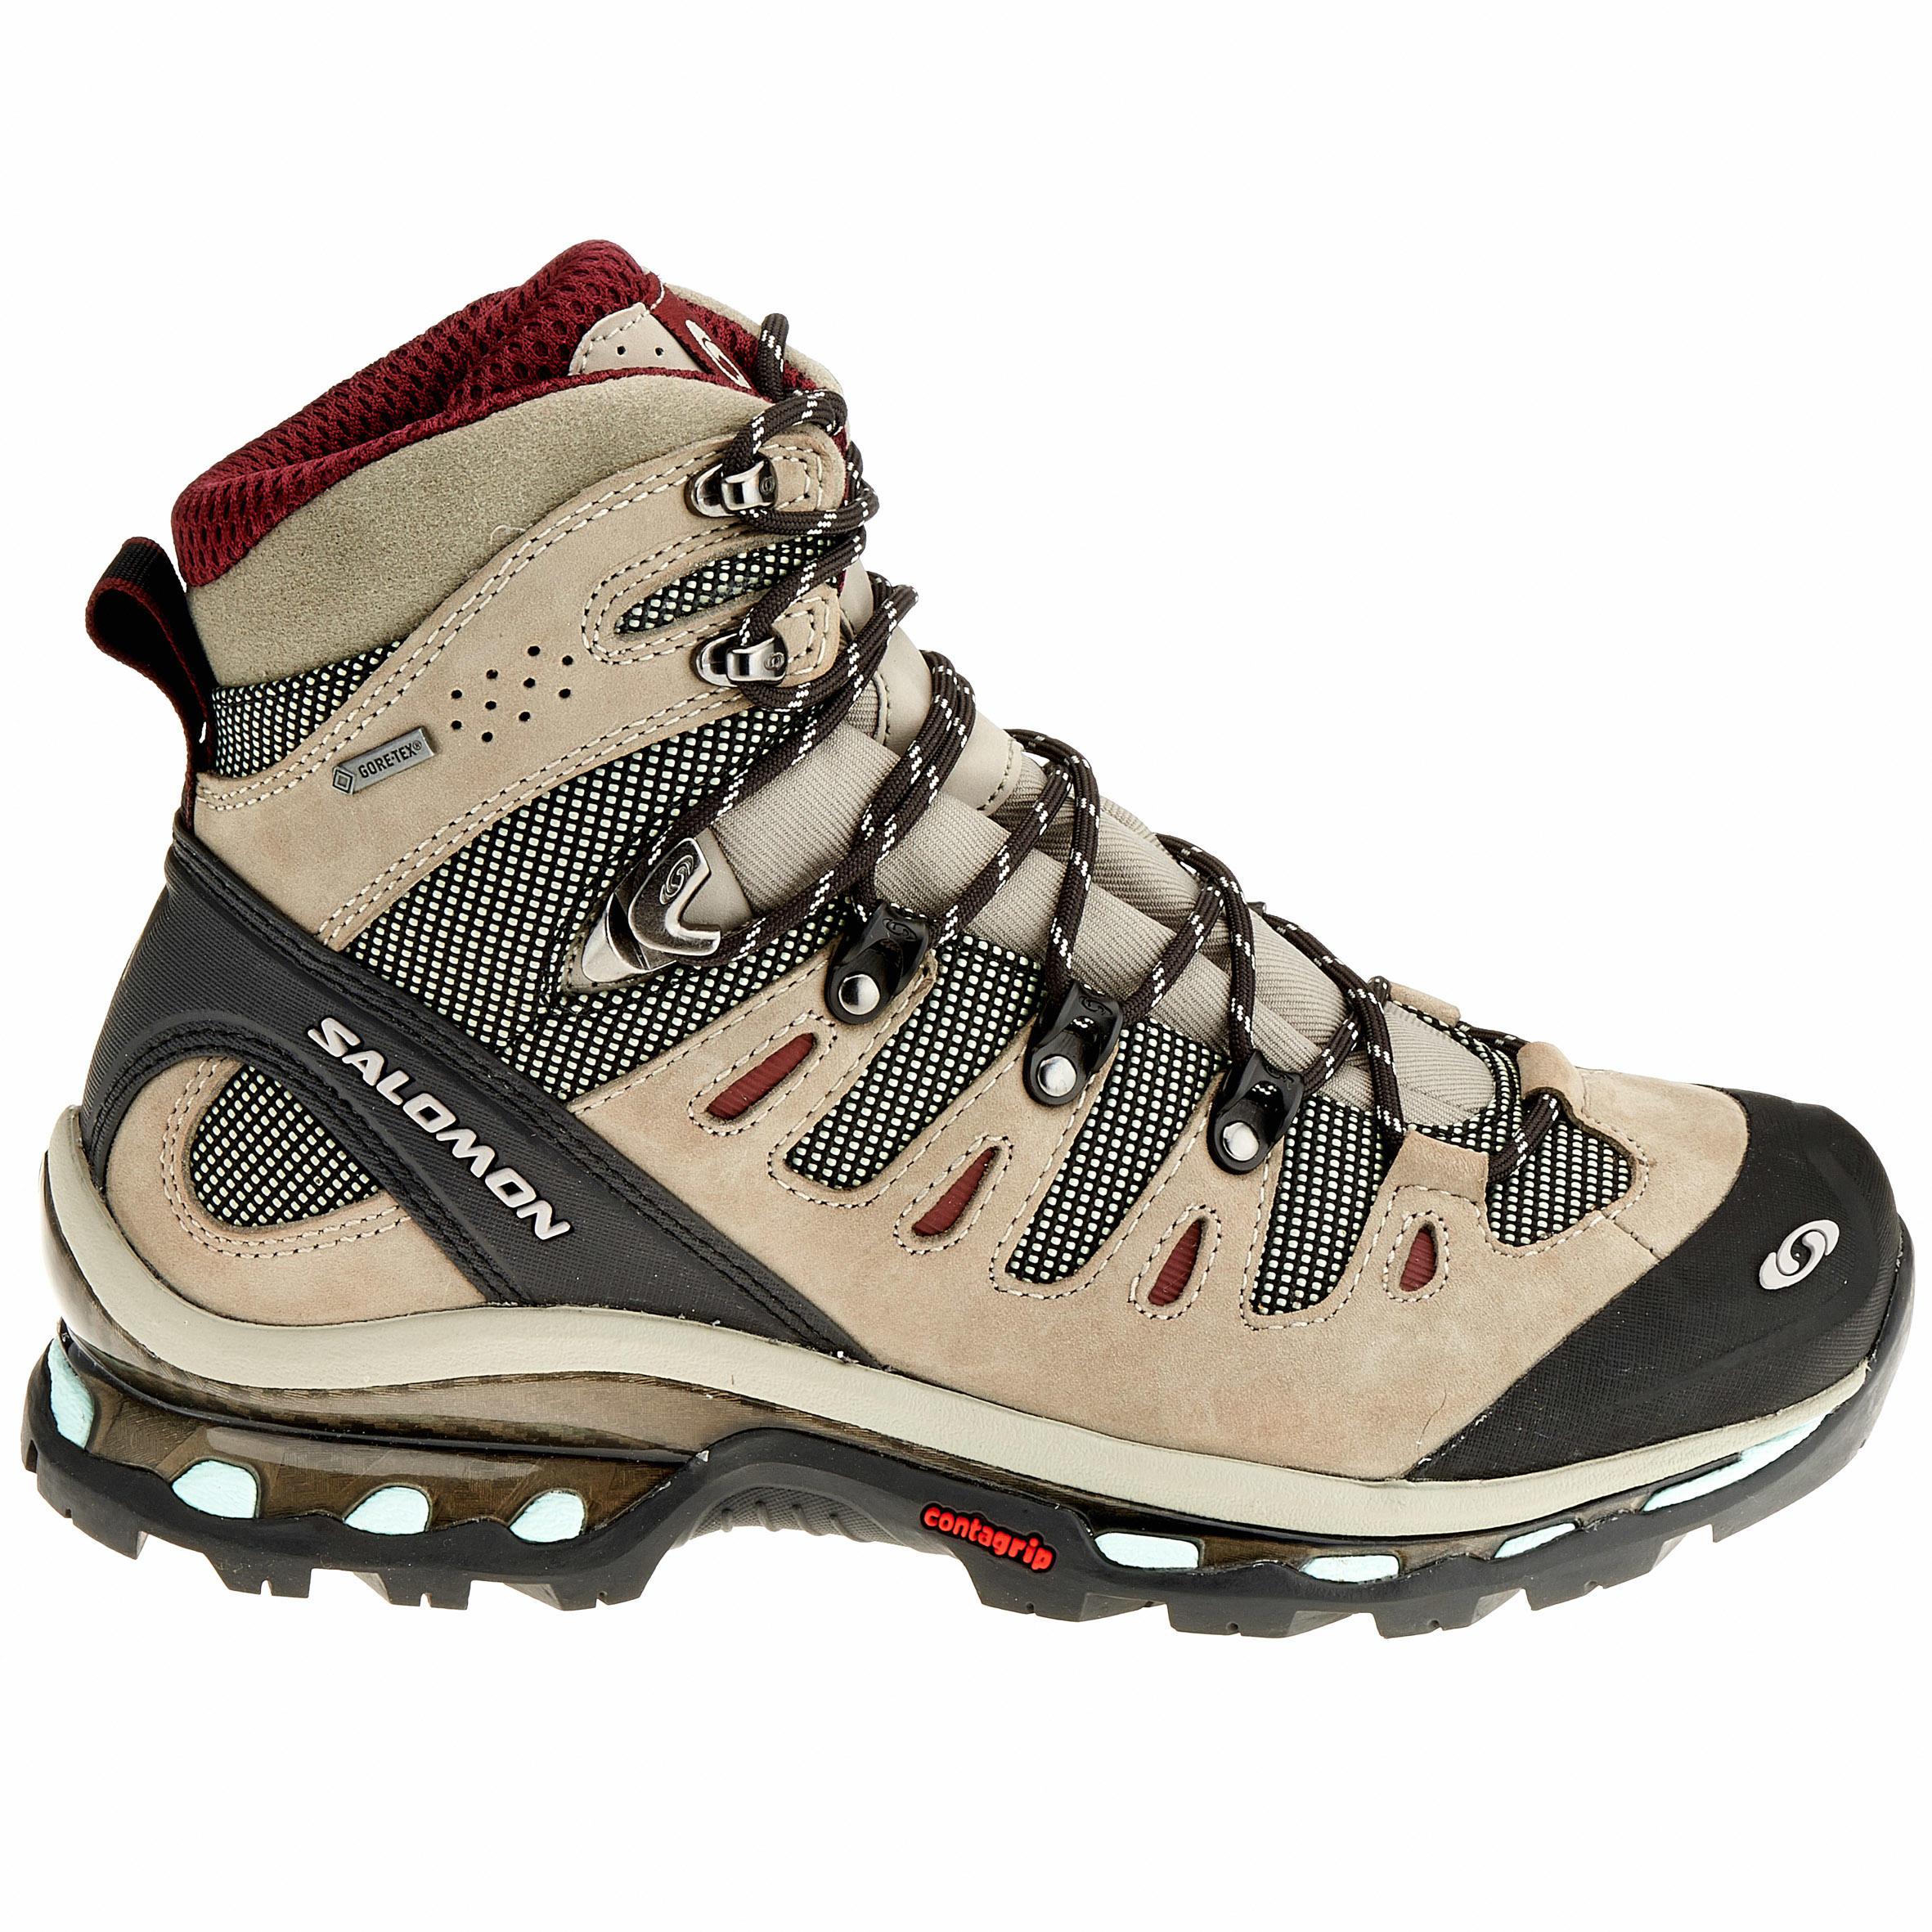 wholesale dealer 7a485 5d581 Haute 4d De Tex Randonnée Quest Femme Salomon Gore Tige Chaussures TqP0t